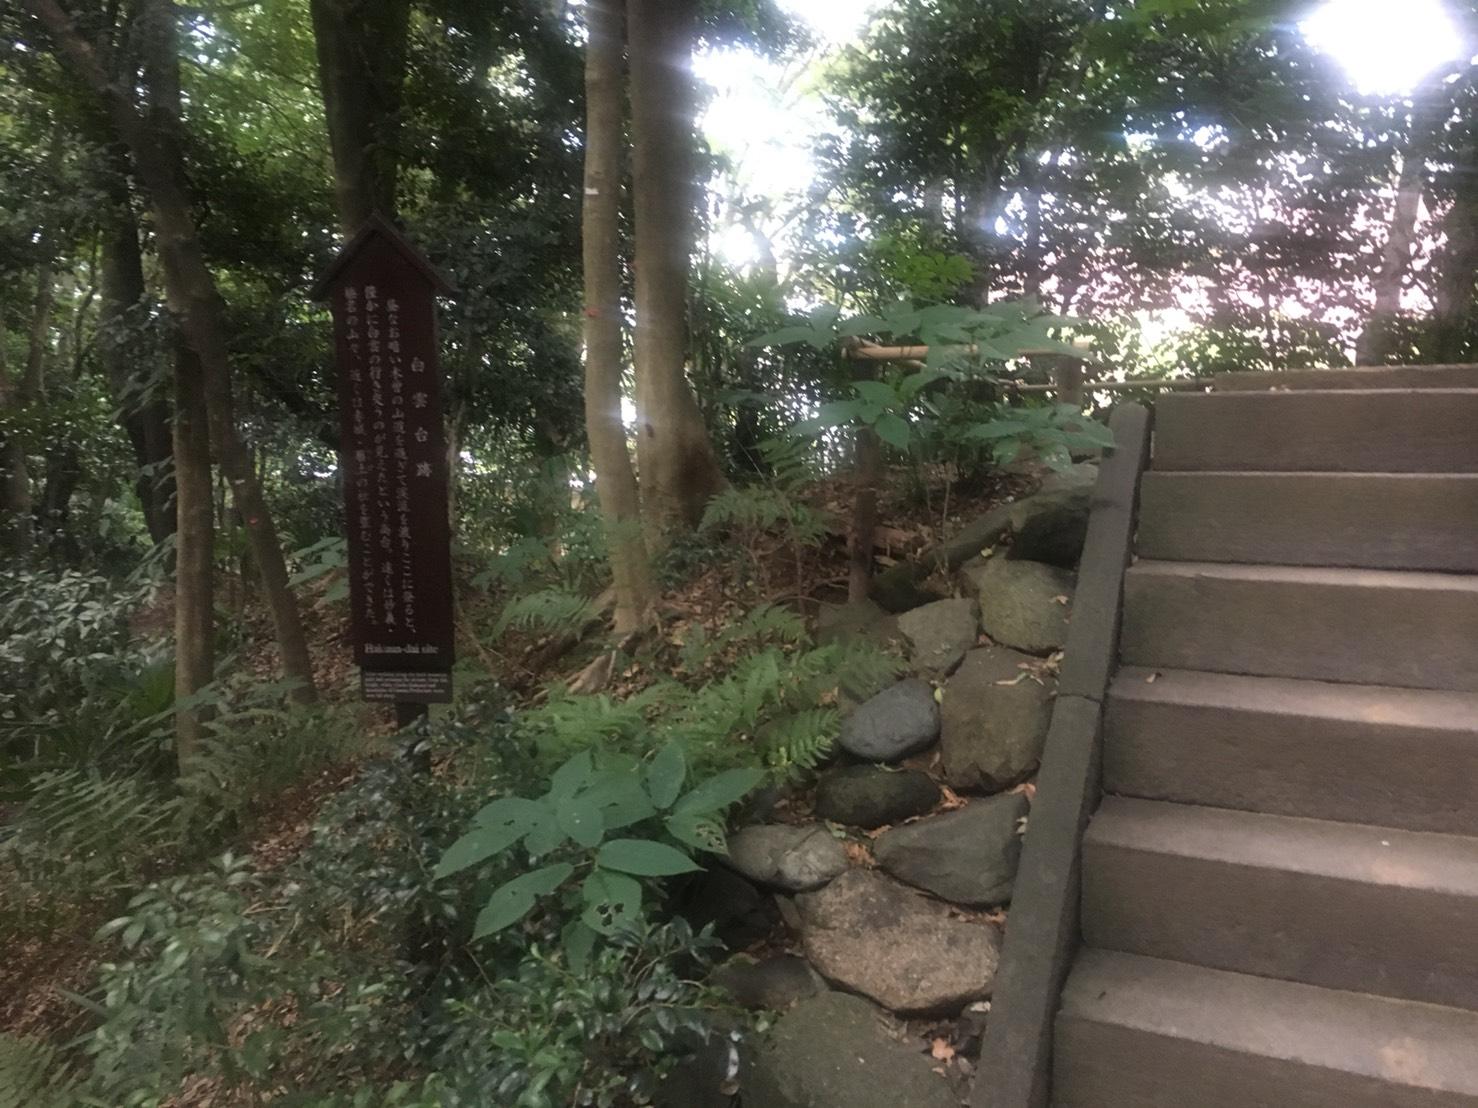 【飯田橋駅】江戸時代の中国趣味豊かな景観で一句「小石川後楽園」の庭園12